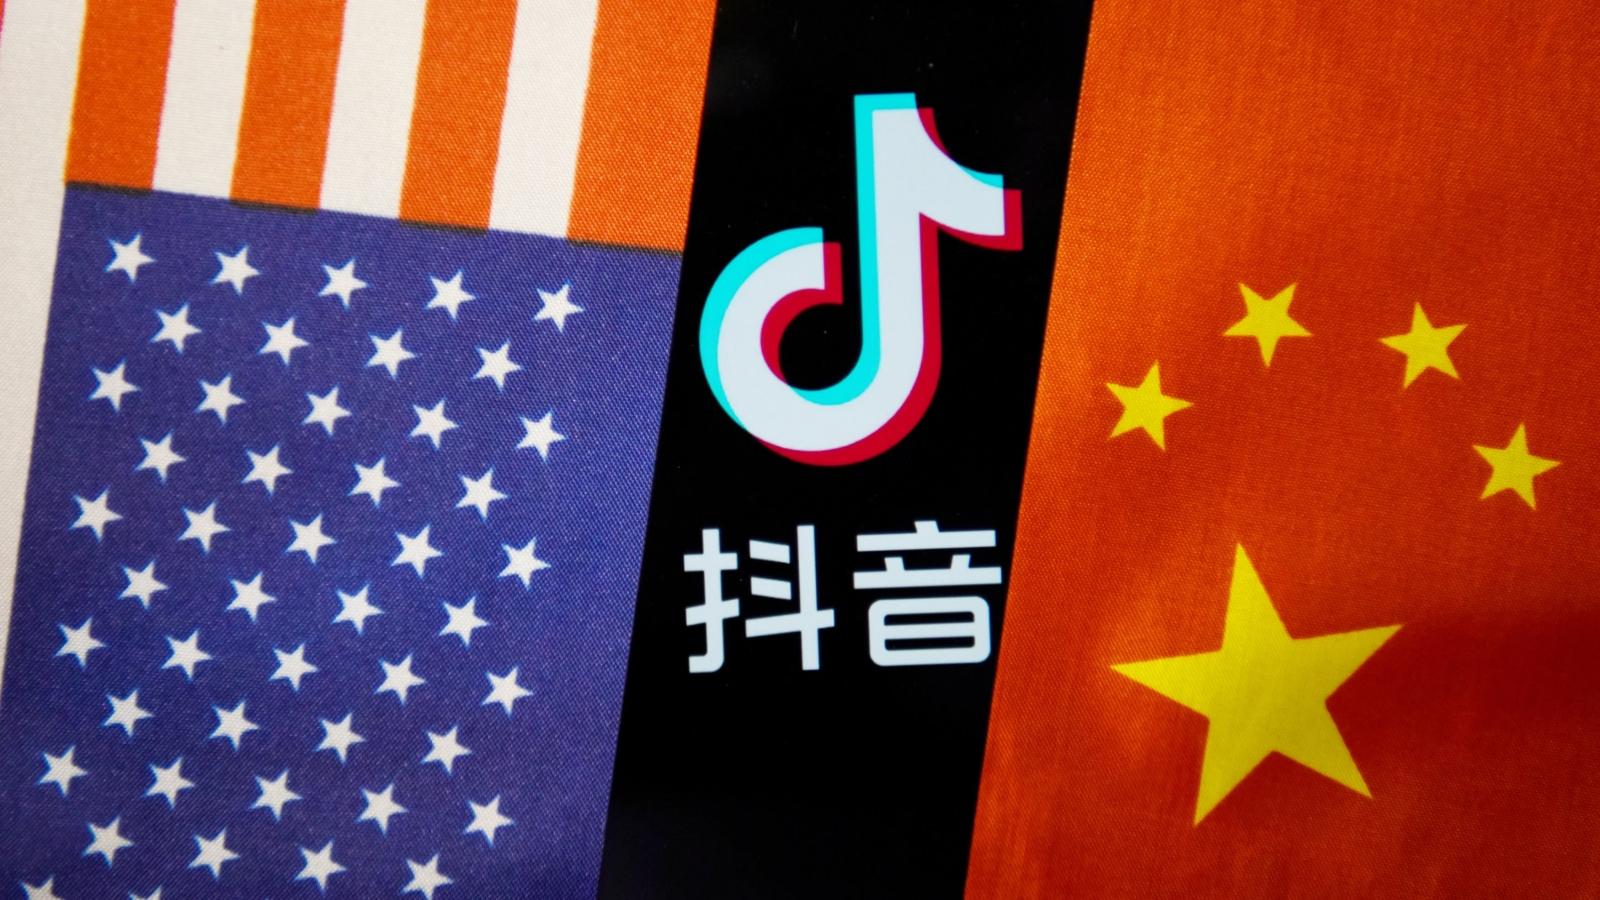 Tiktok vượt khó trong bối cảnh căng thẳng Mỹ - Trung